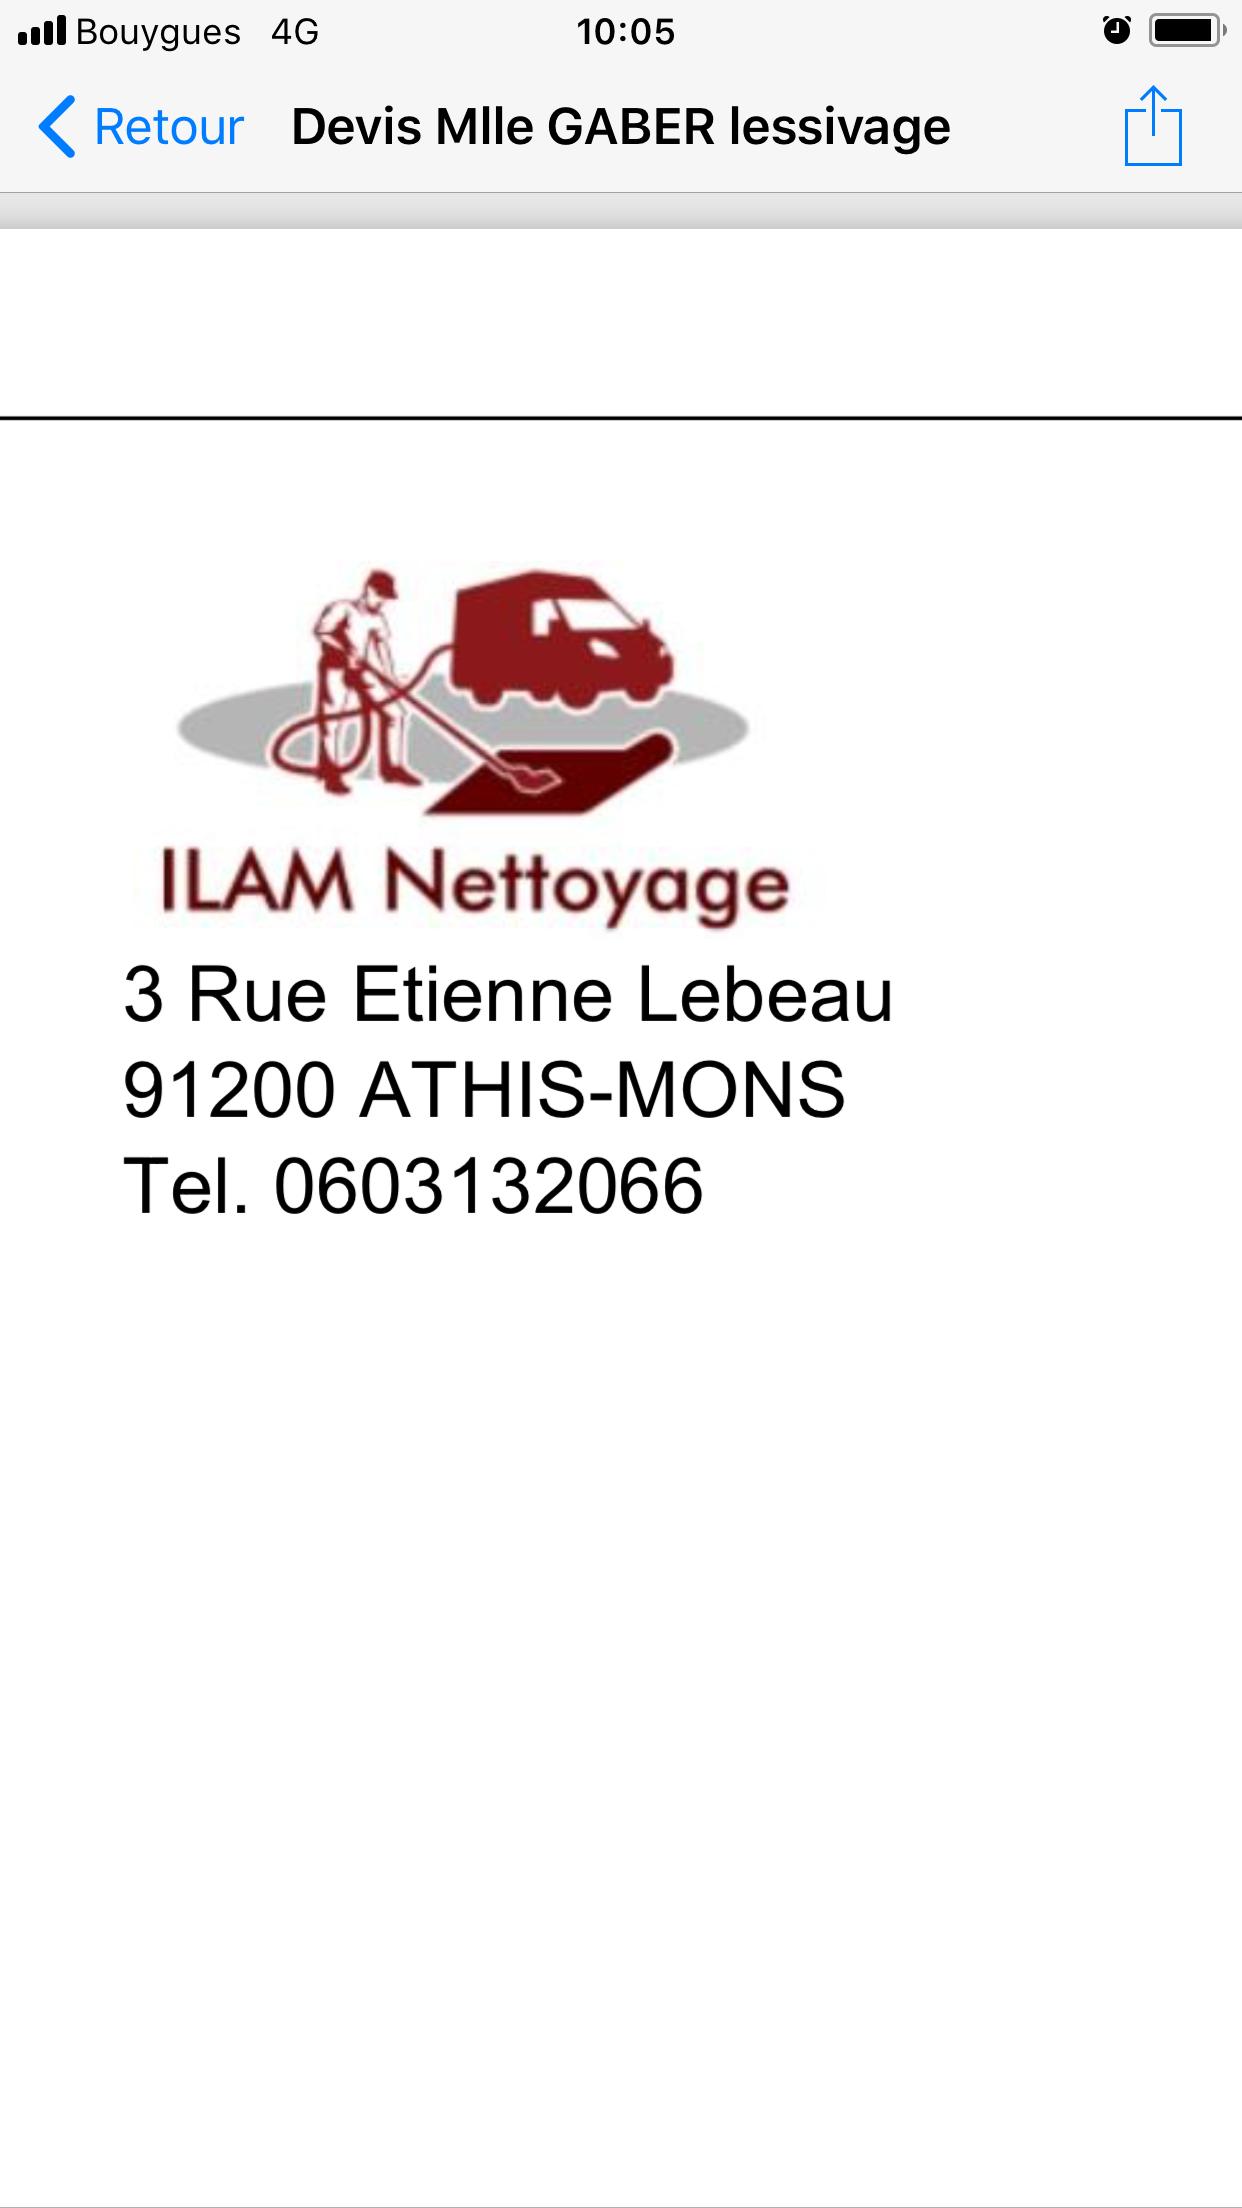 Logo de Ilam nettoyage, société de travaux en Nettoyage industriel